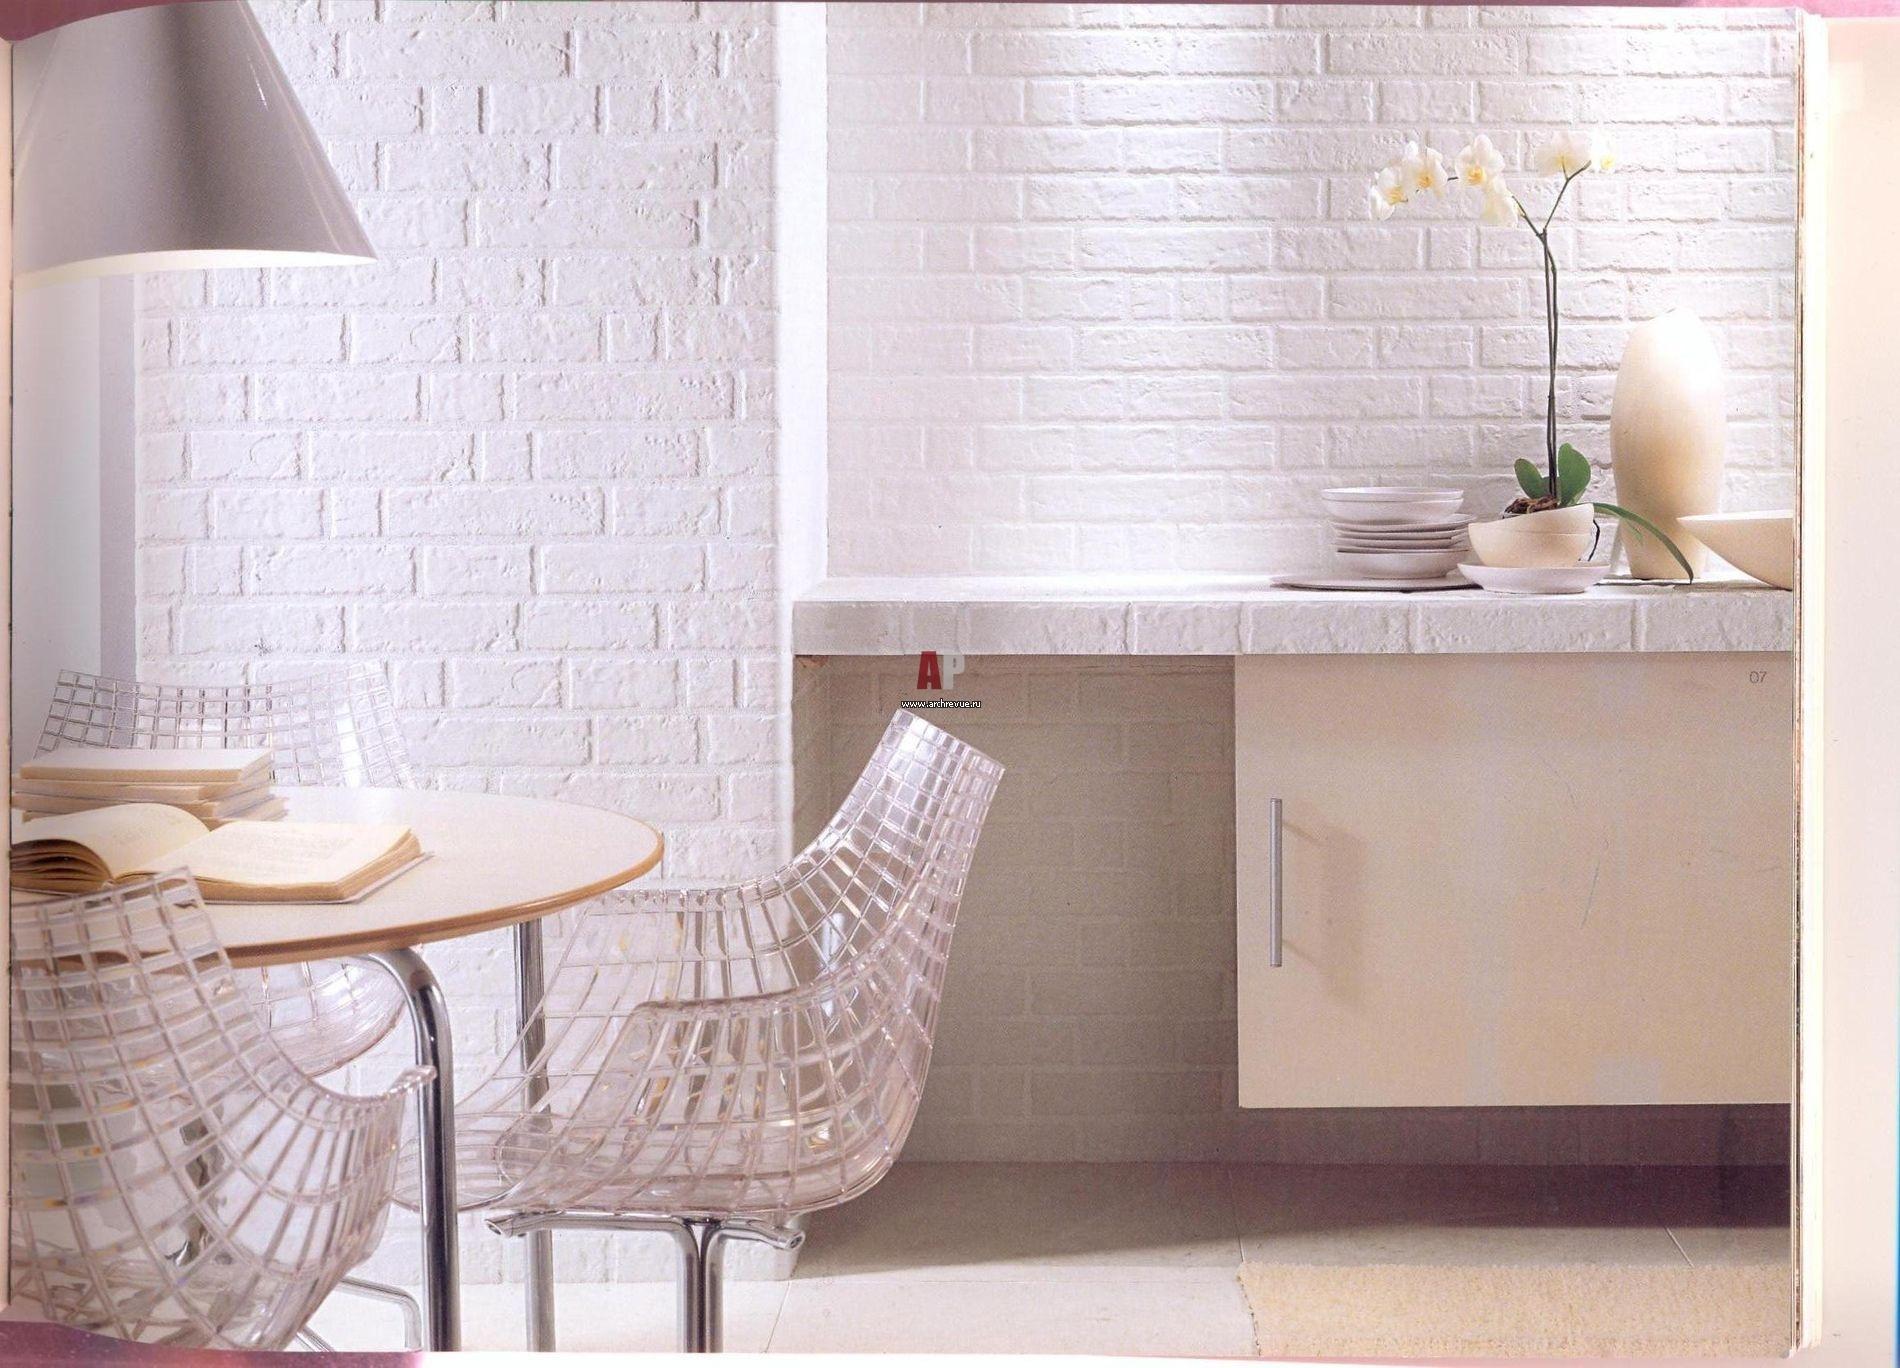 Кирпичная стена на кухне: декоративные материалы в интерьере.